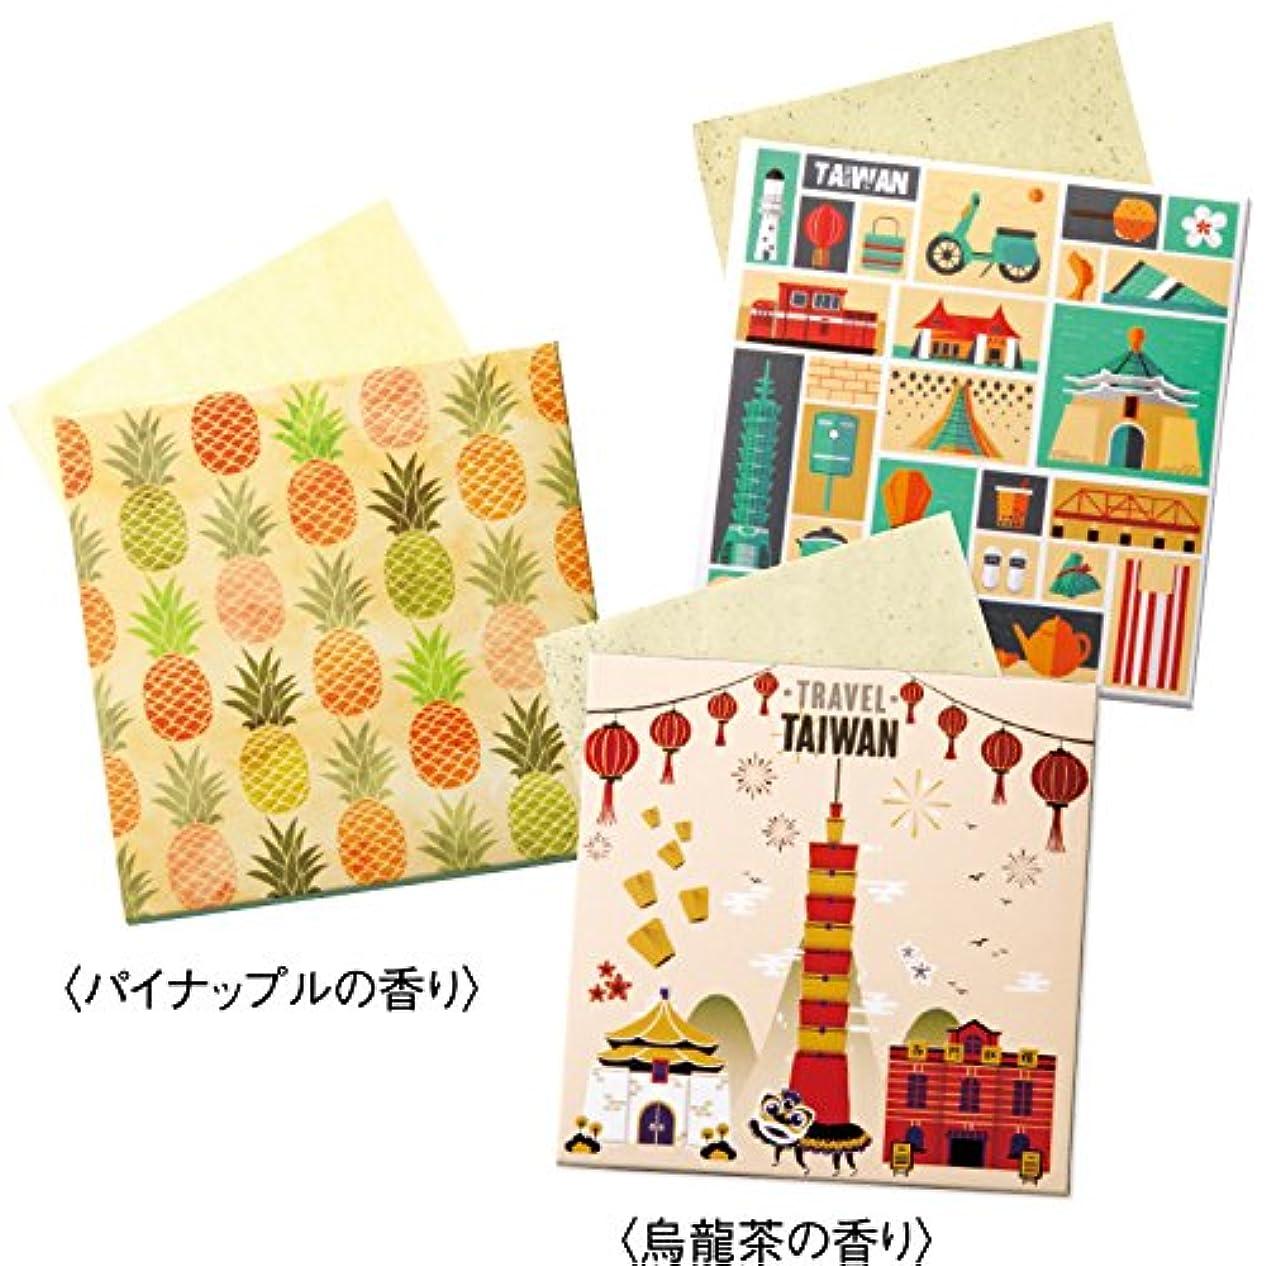 険しいノミネート支配する台湾 土産 台湾 あぶらとり紙 3コセット (海外旅行 台湾 お土産)